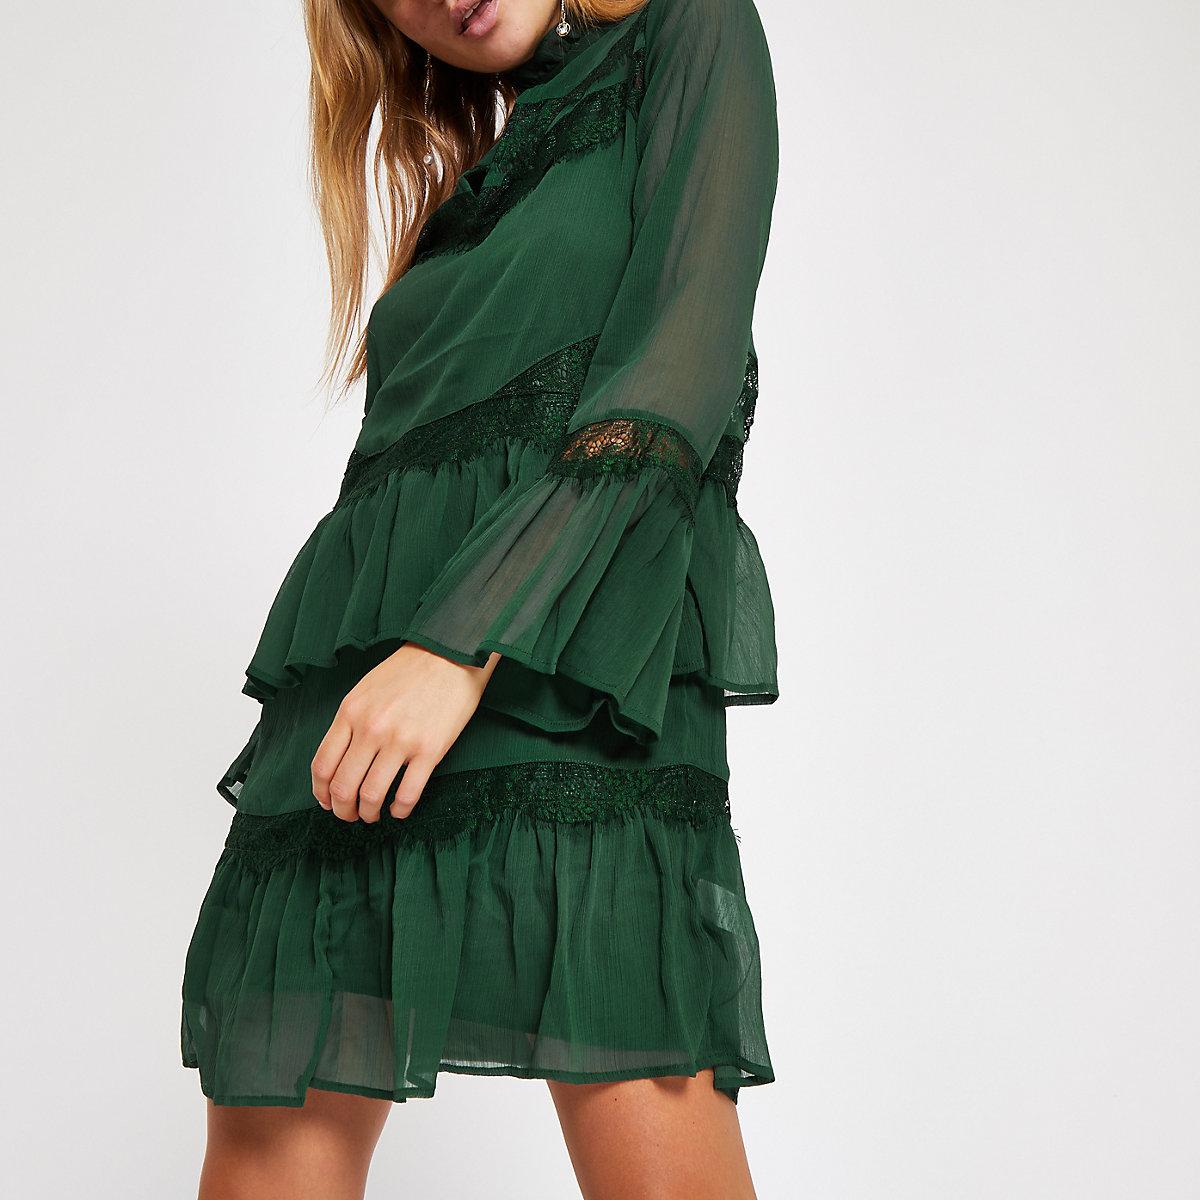 Dark green lace frill trim swing dress